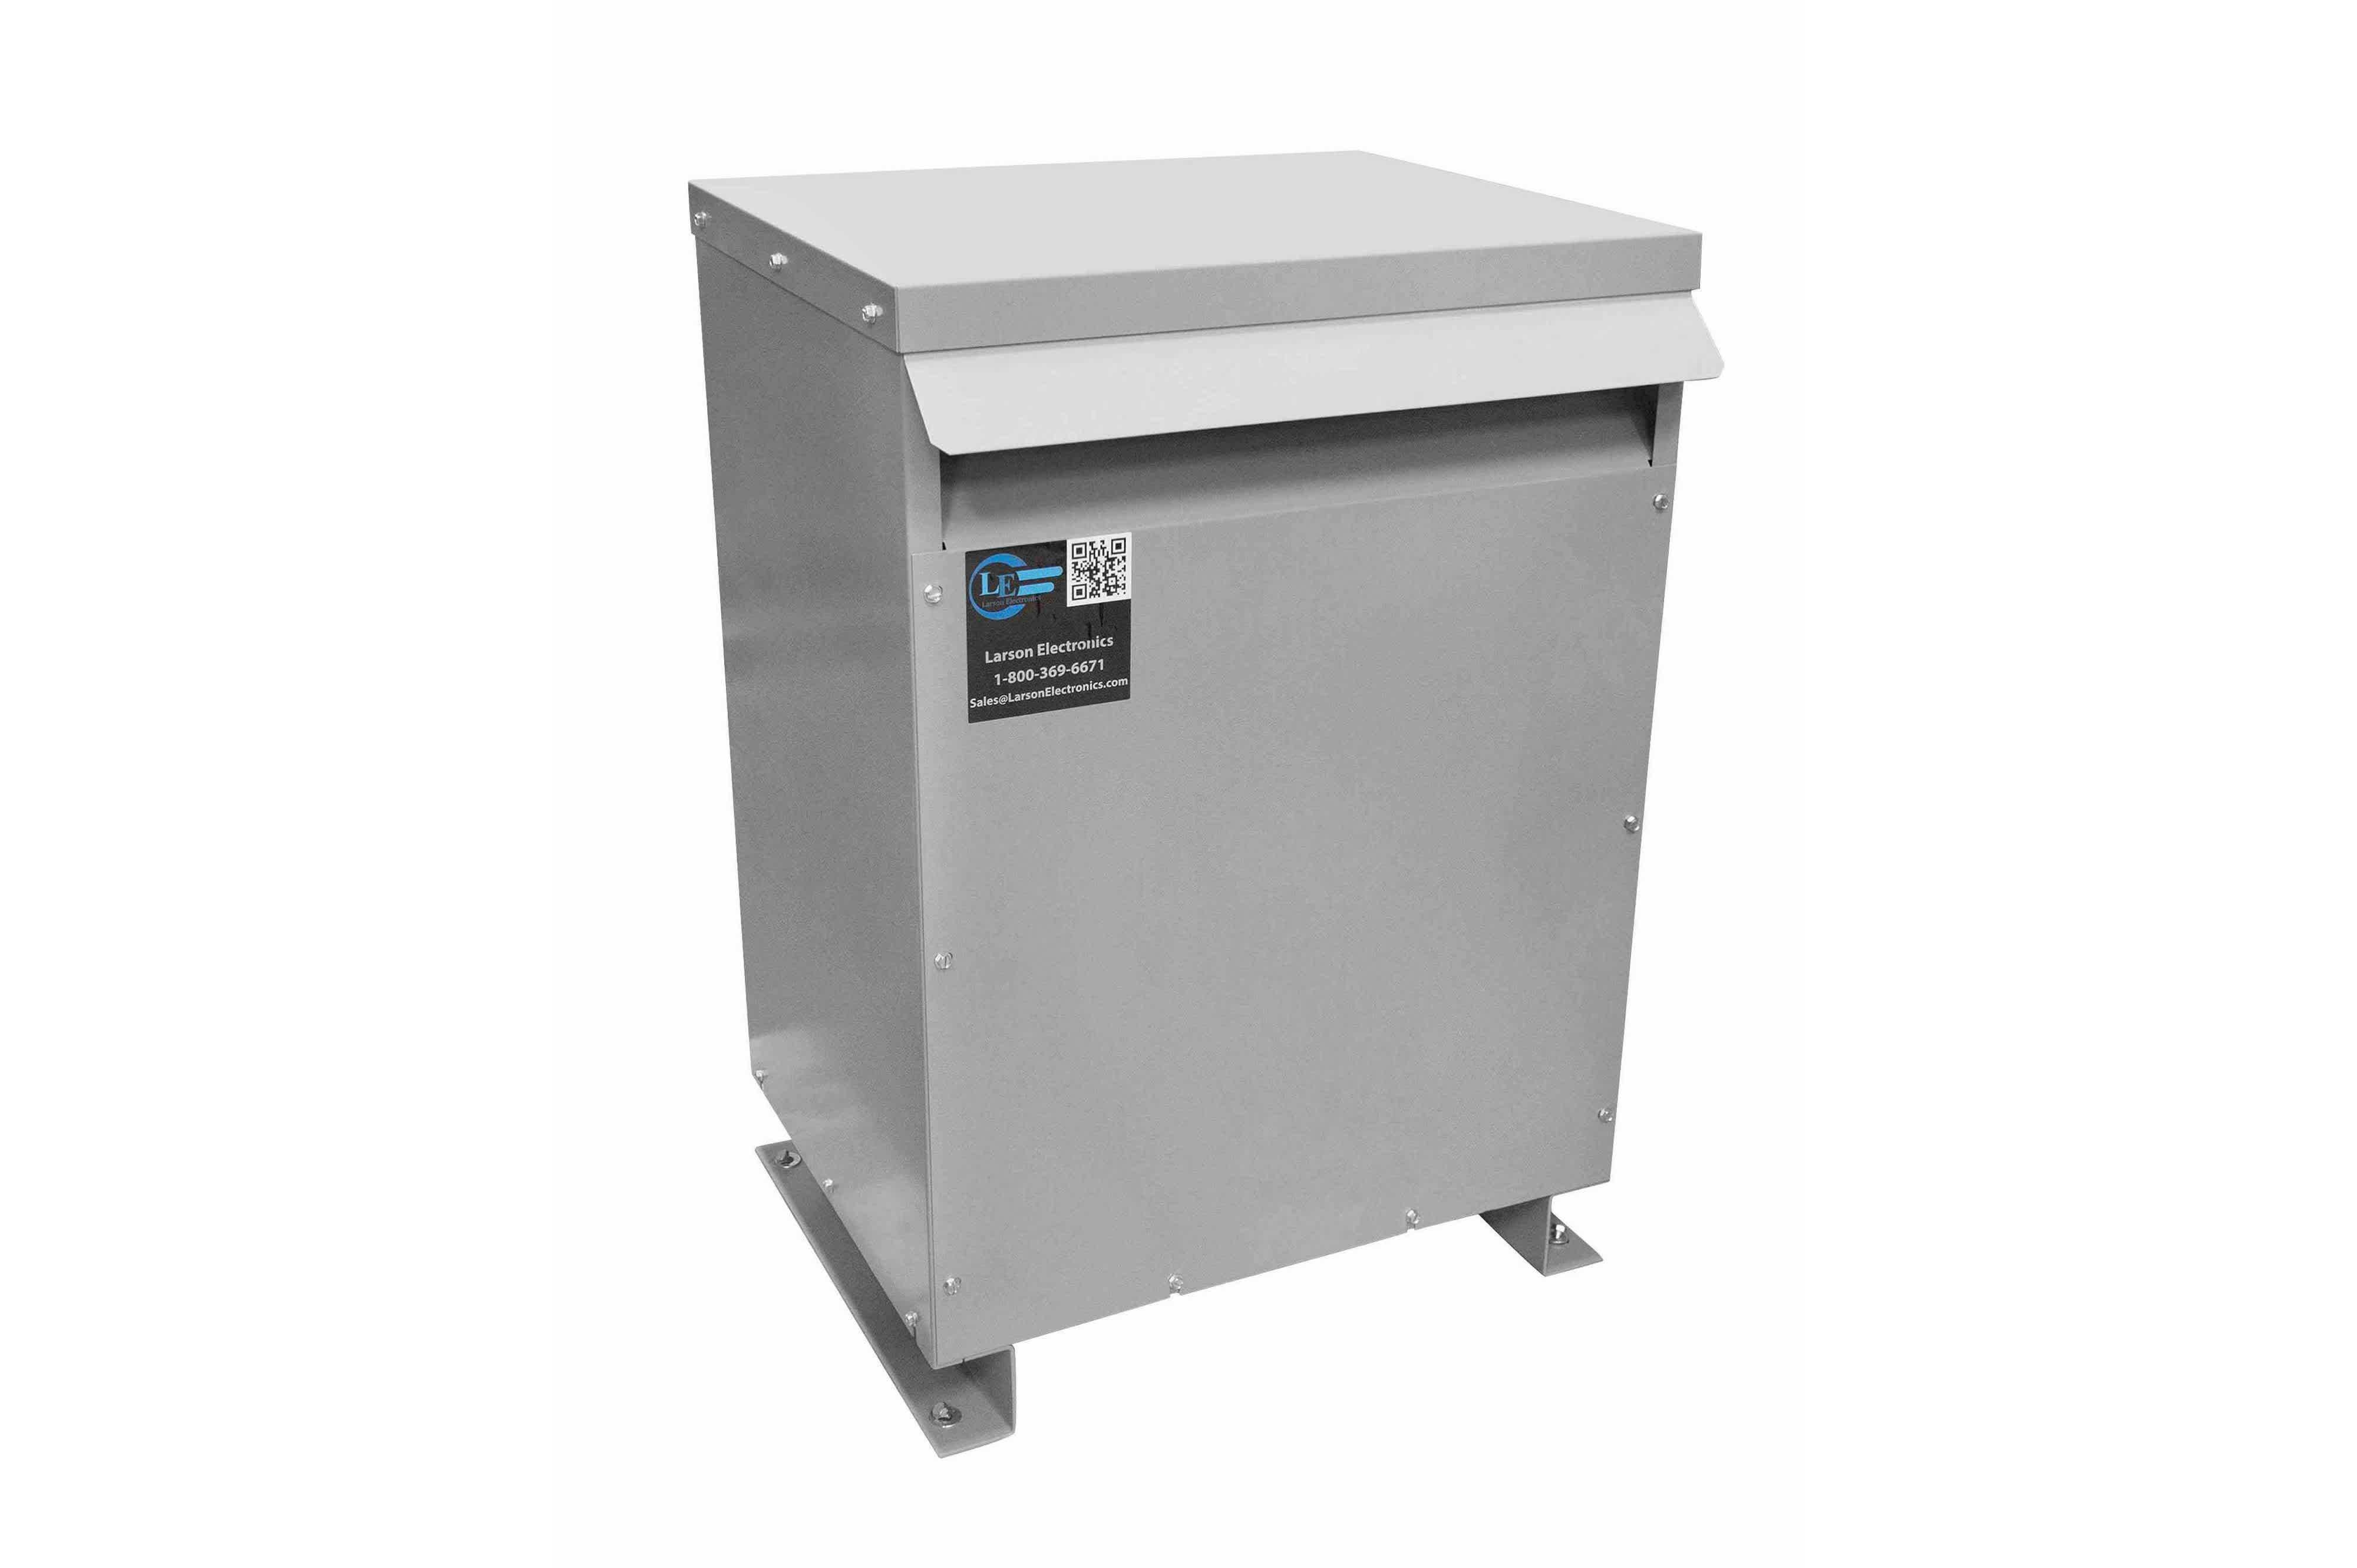 400 kVA 3PH DOE Transformer, 380V Delta Primary, 240V/120 Delta Secondary, N3R, Ventilated, 60 Hz